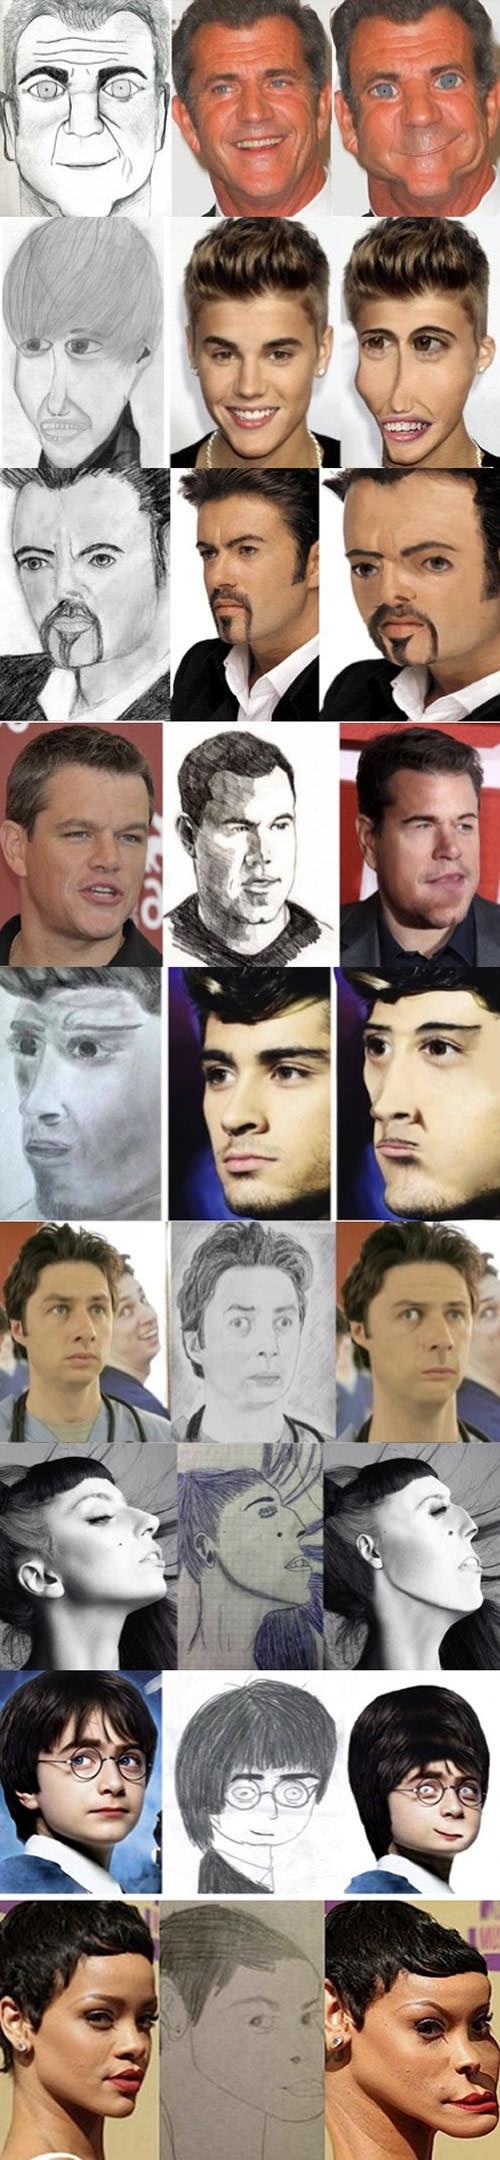 Some celeb fan art